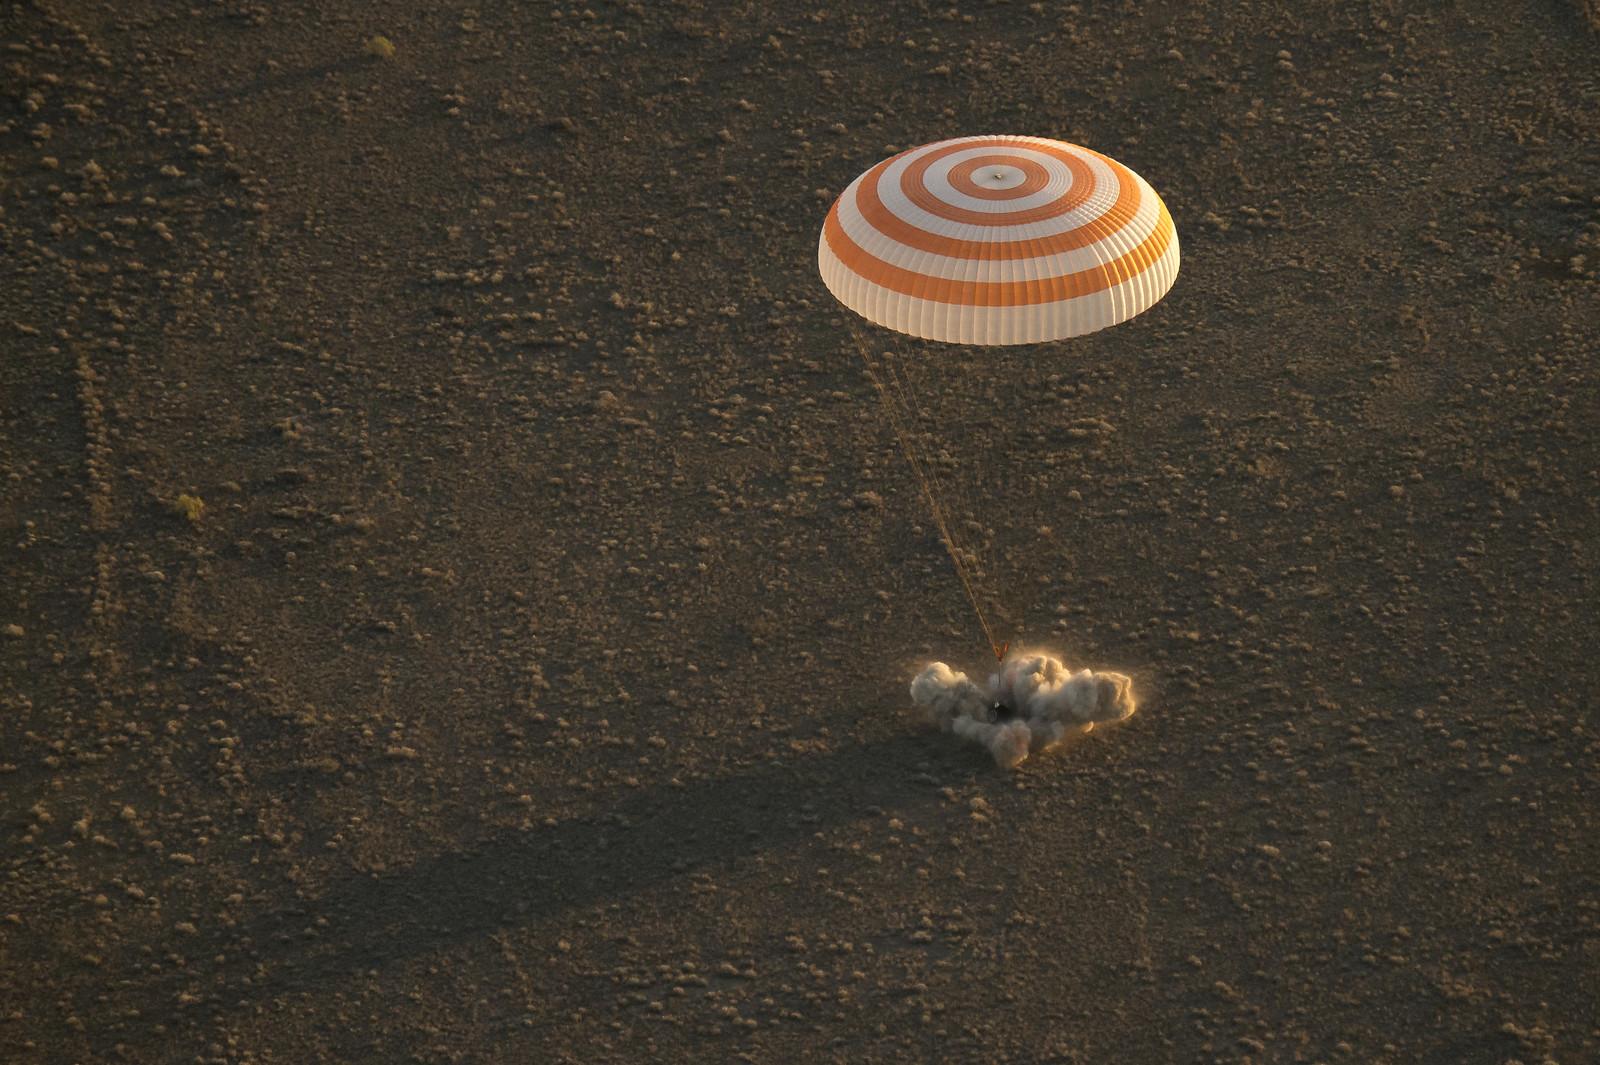 Οι αγαπημένες φωτογραφίες της NASA για το 2016